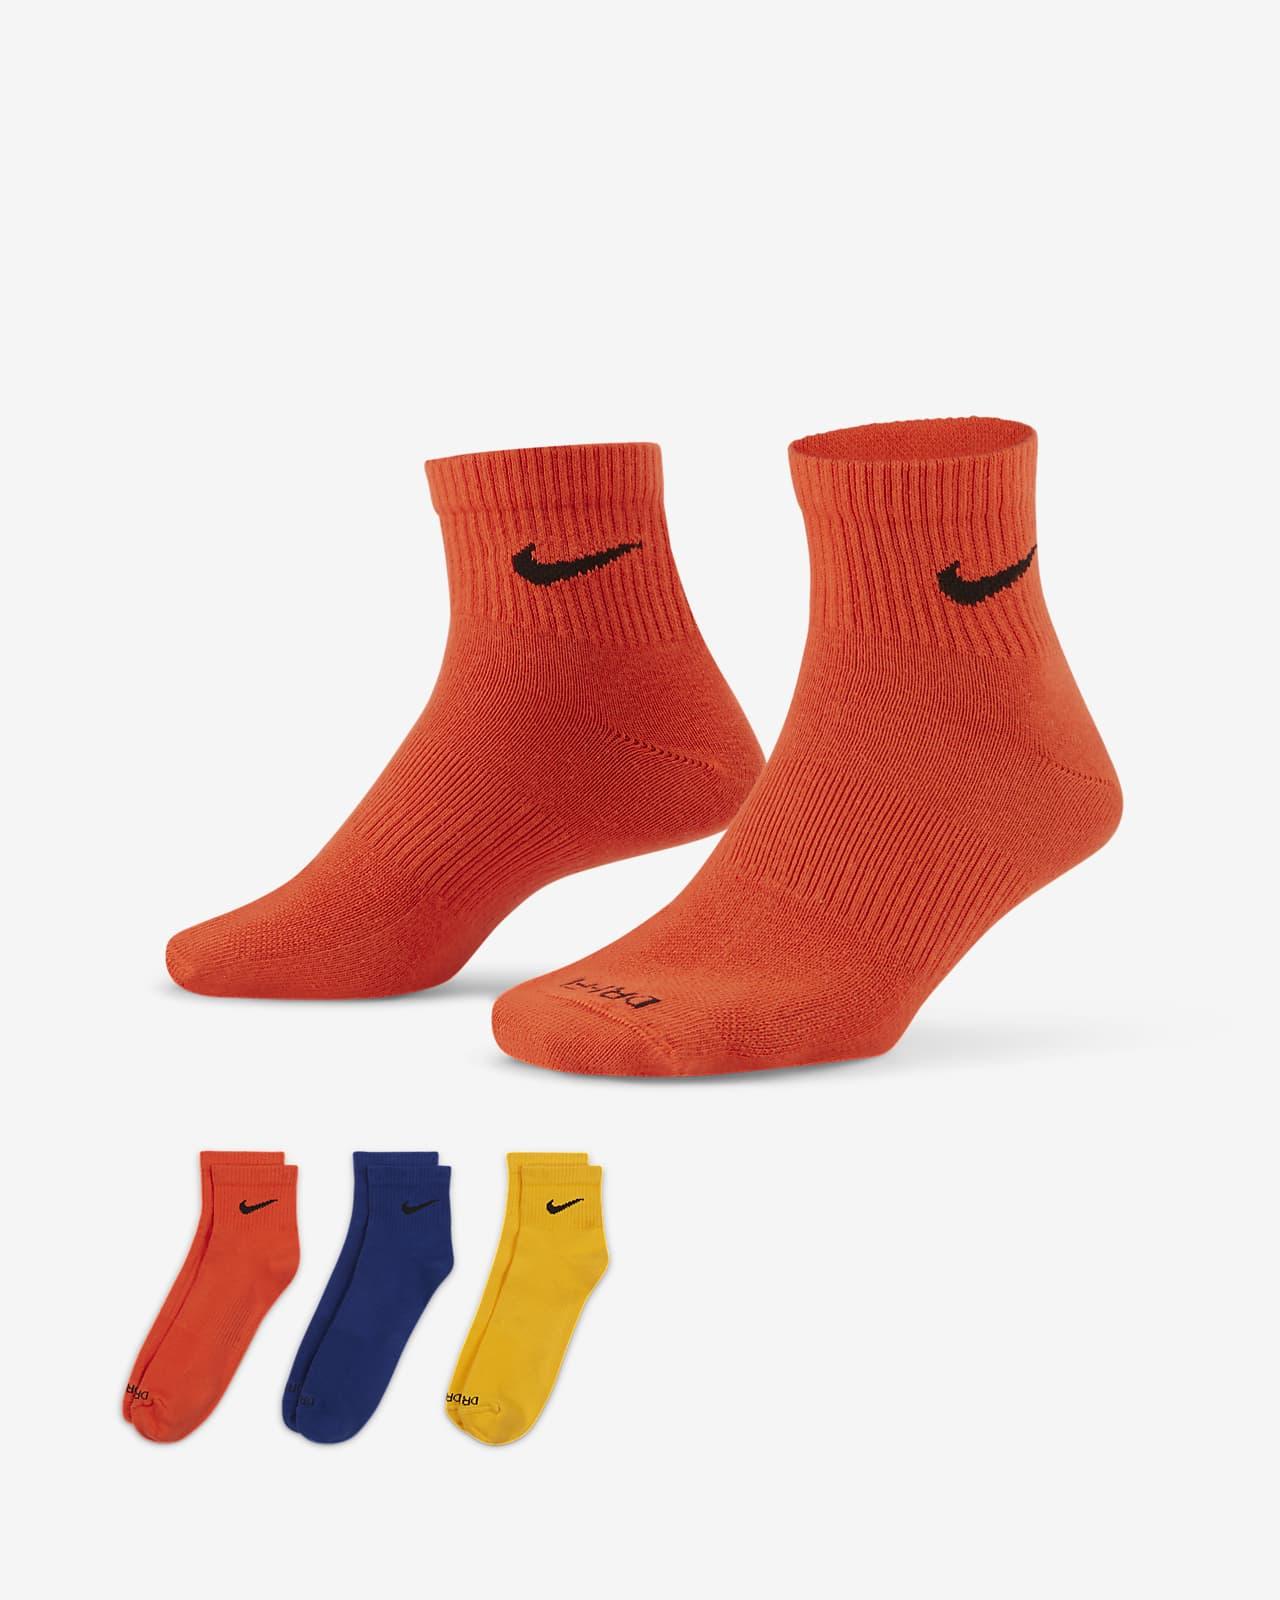 ถุงเท้าเทรนนิ่งหุ้มข้อ Nike Everyday Plus Lightweight (3 คู่)